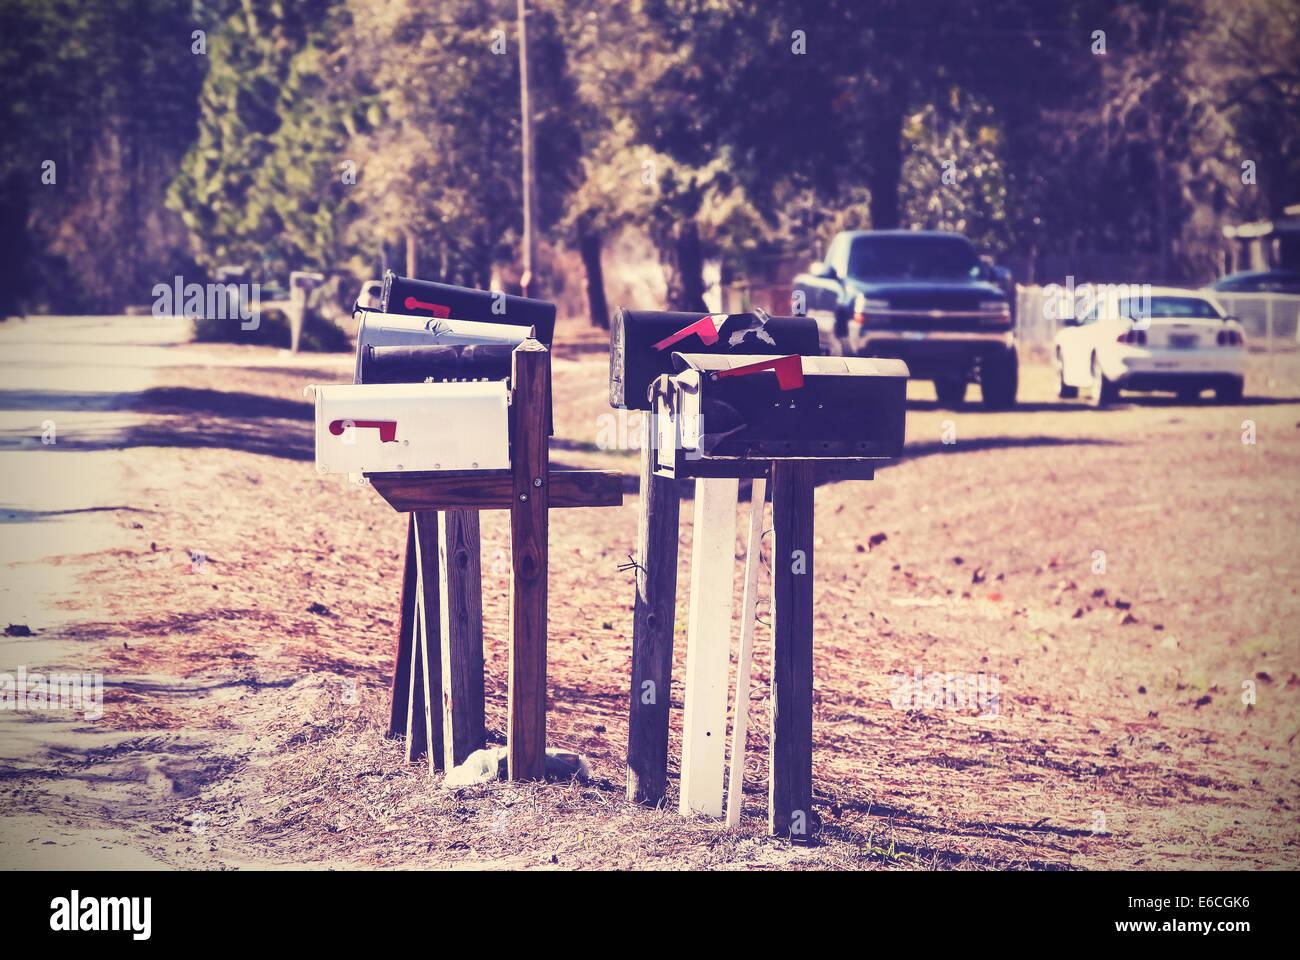 Vintage photo de boîtes aux lettres, milieu rural, USA. Photo Stock